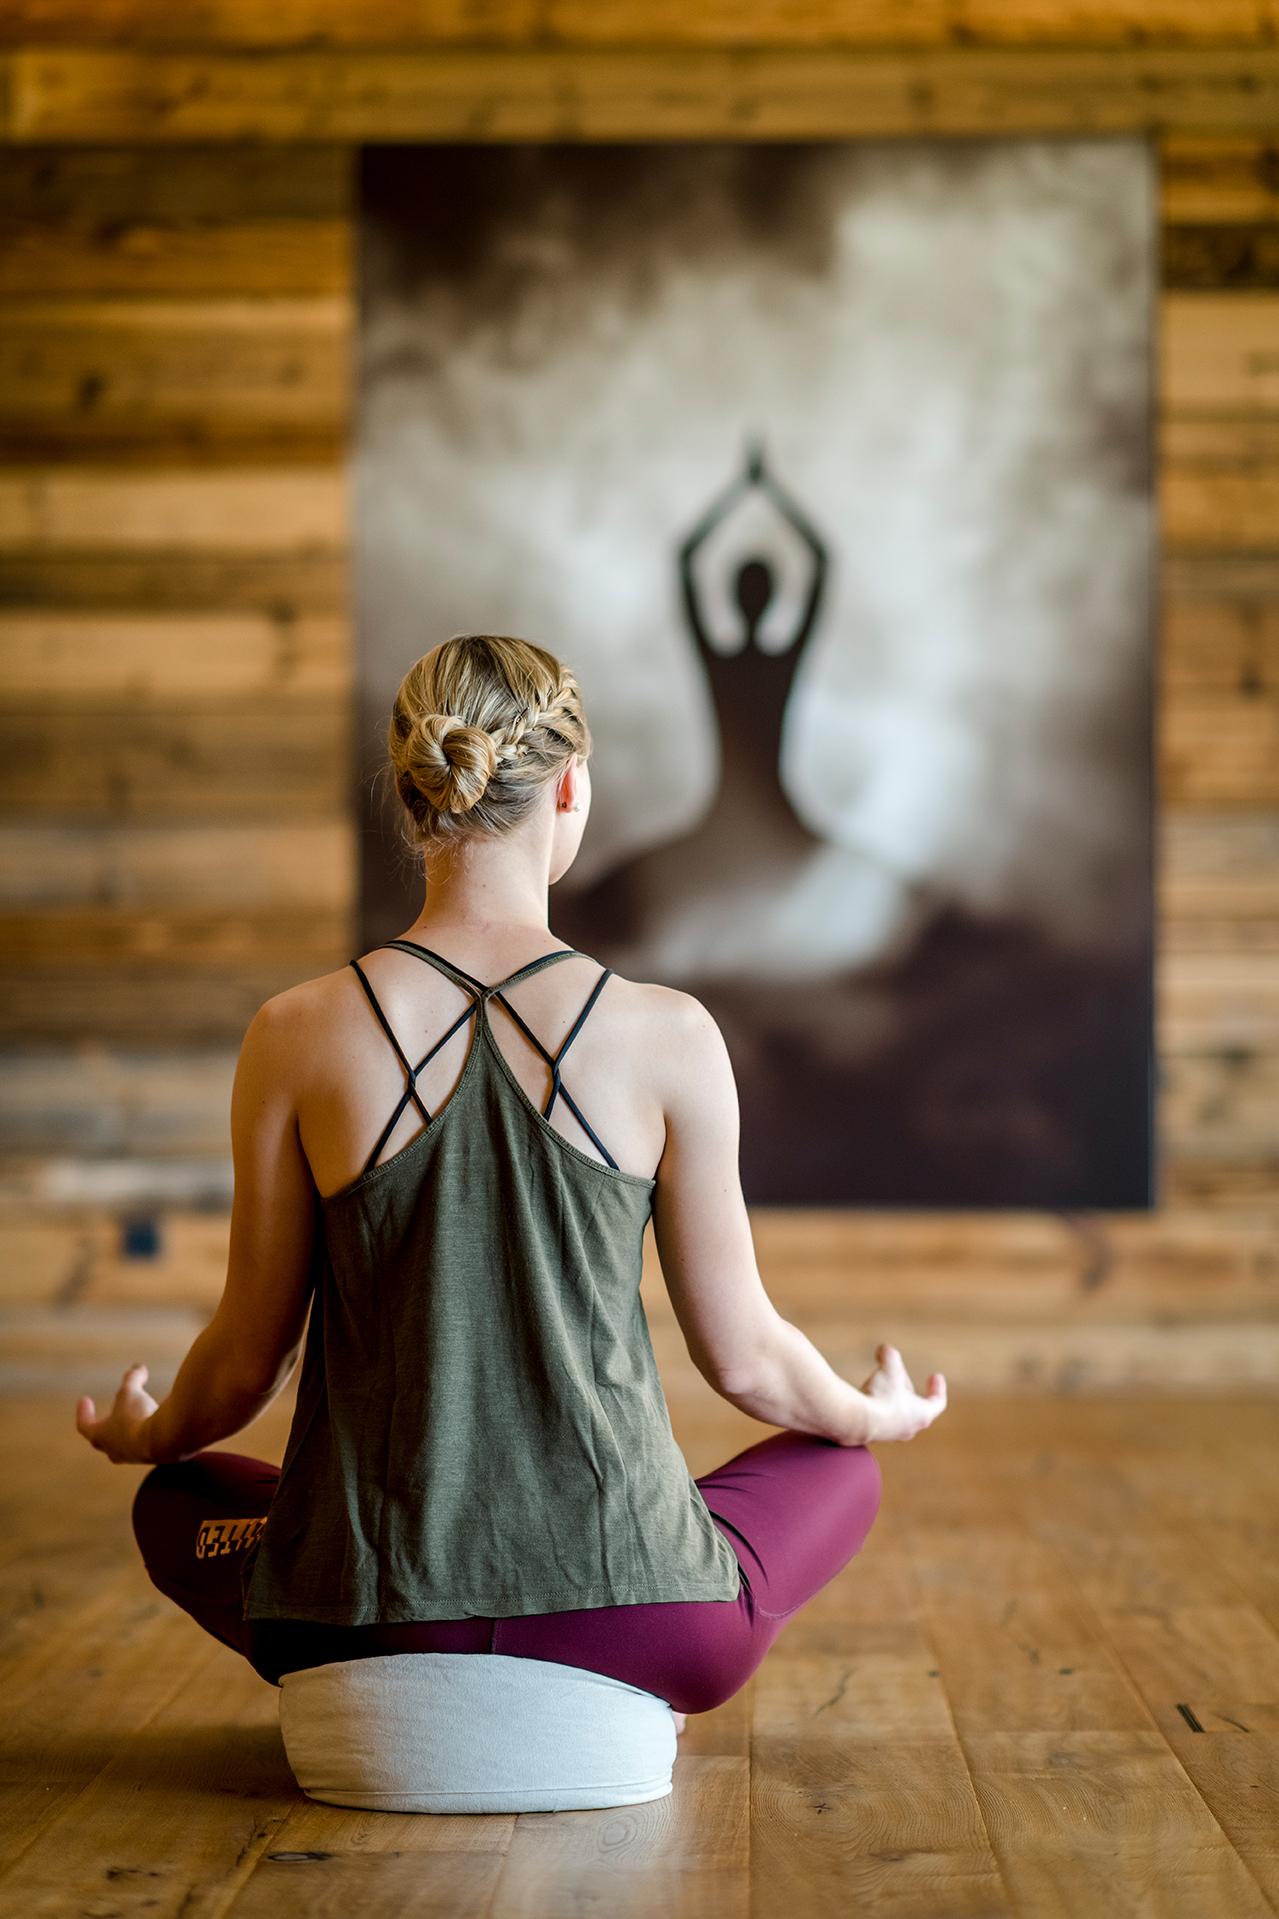 Dame in Sportbelkleidung sitzt in Yoga-Position mit dem Rücken zum Fotografen gewandt im Yoga-Raum des Hotels DAS.GOLDBERG bei Gastein